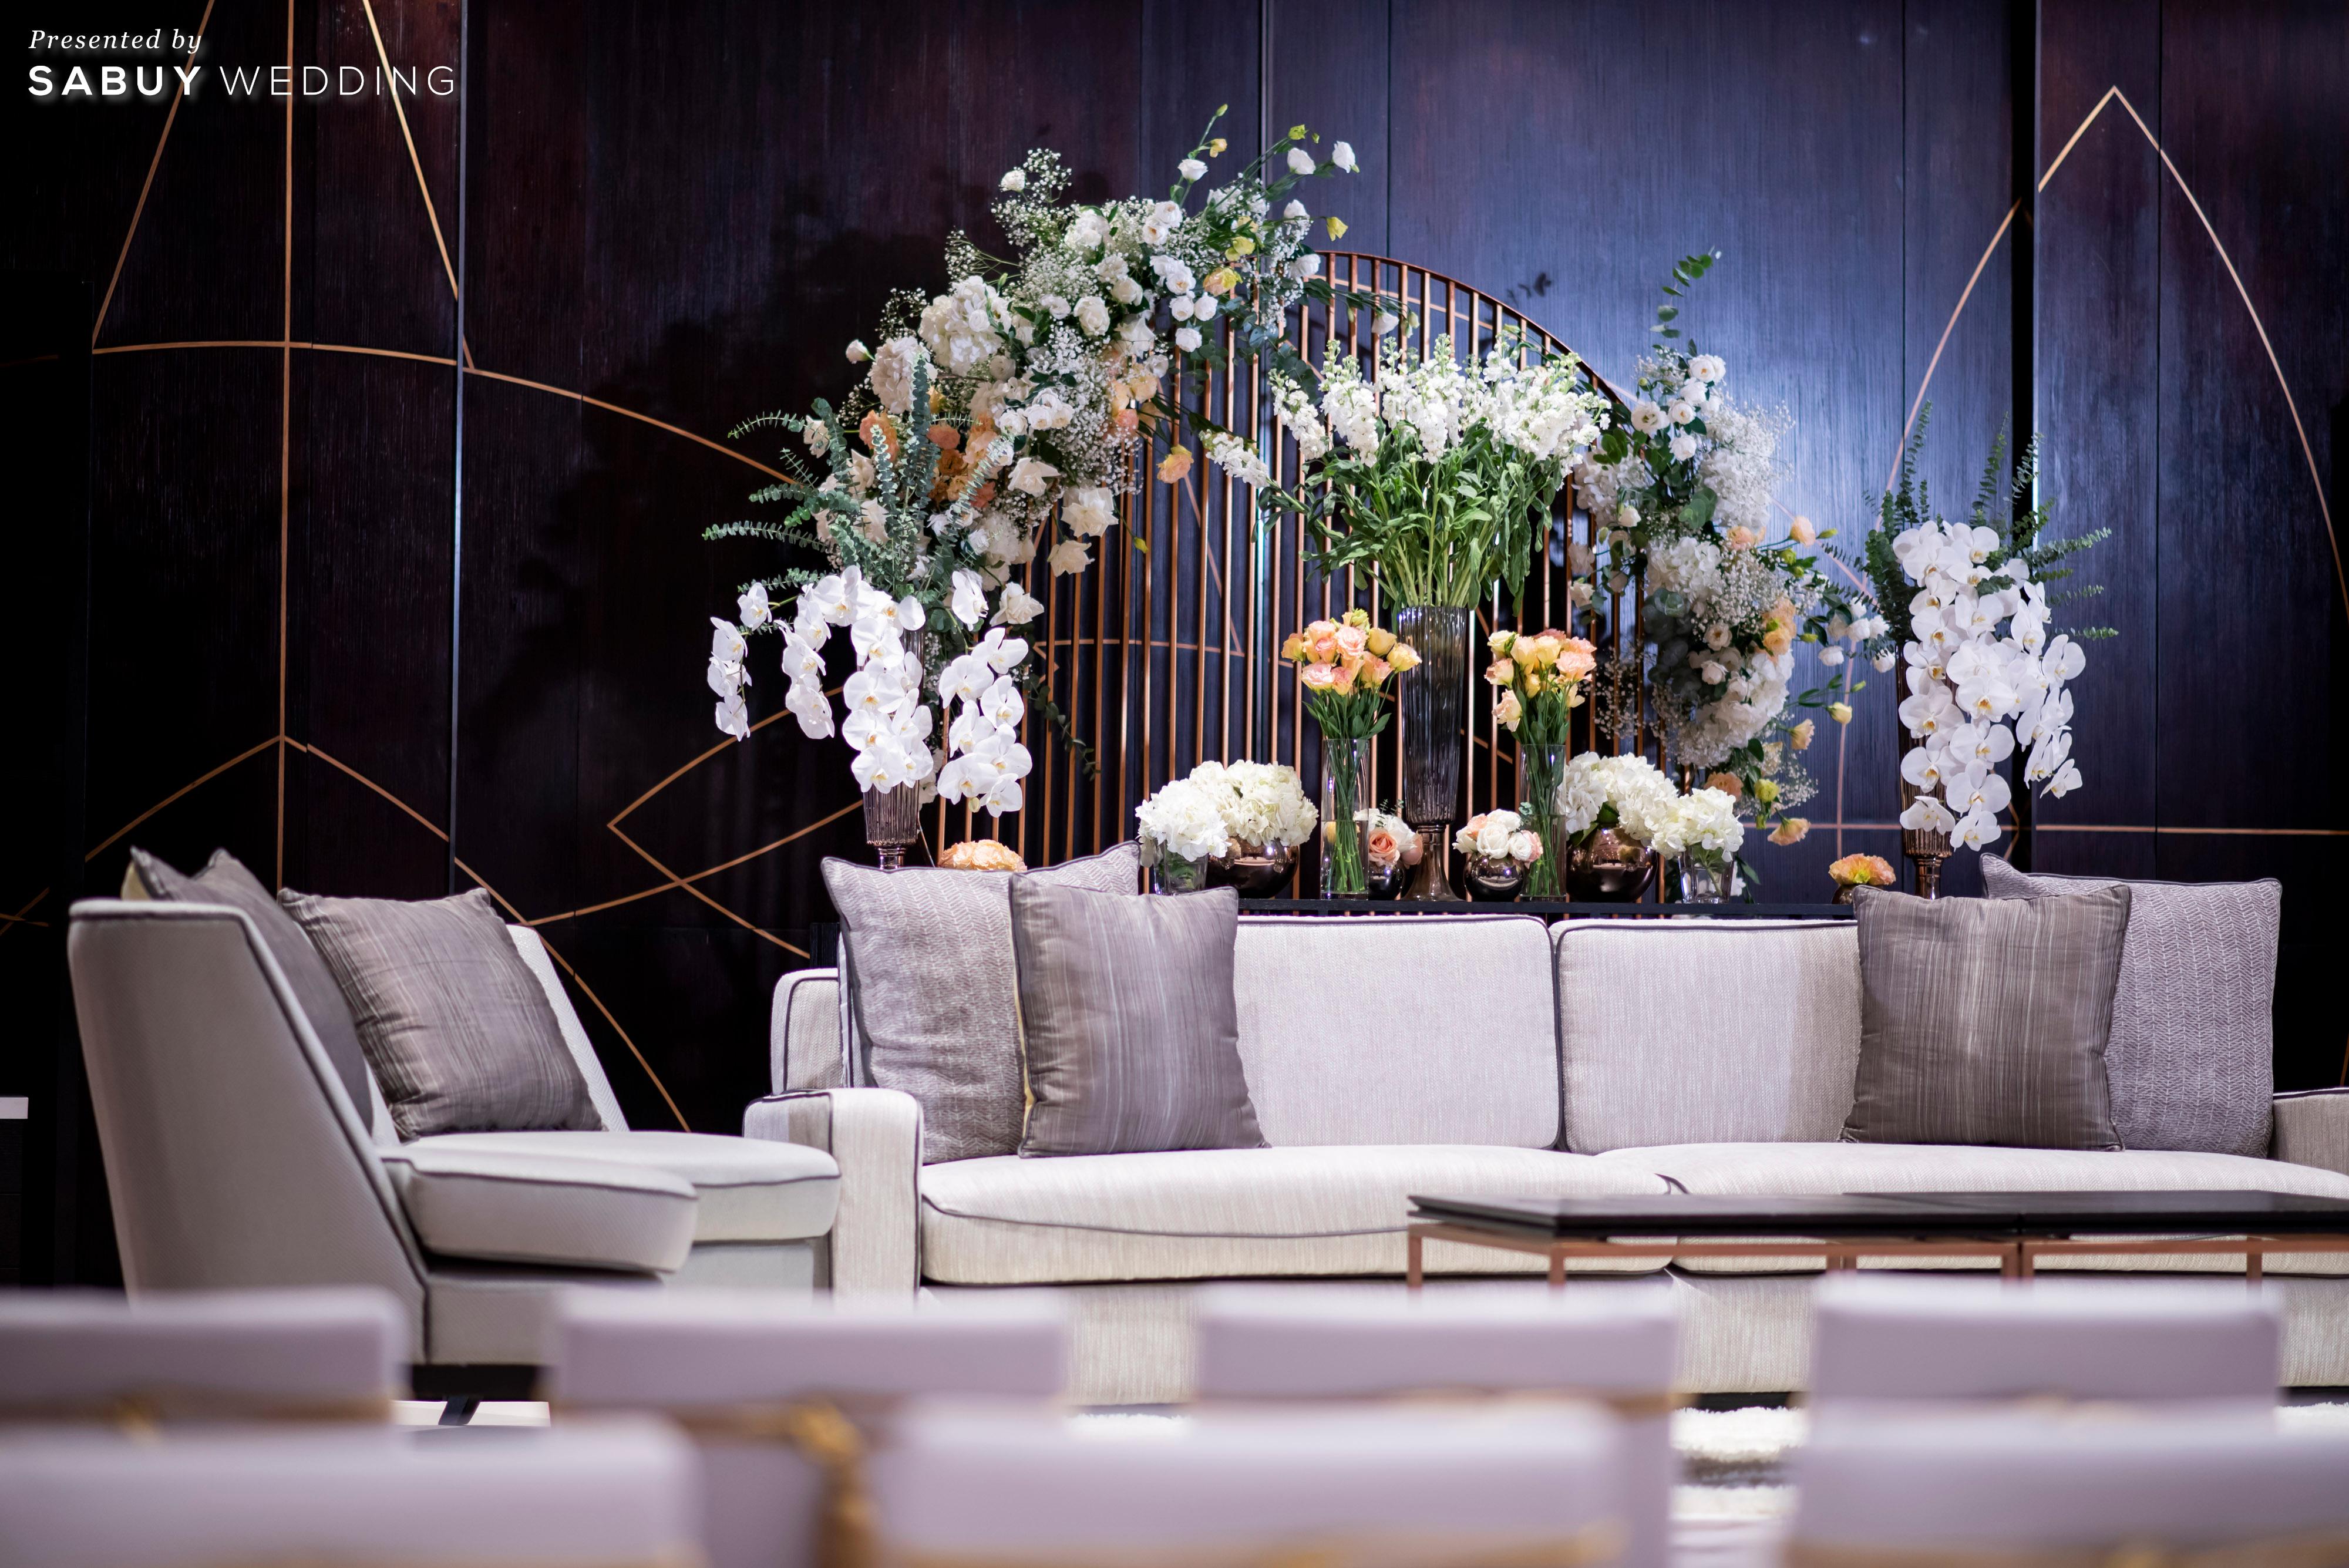 โรงแรม,สถานที่จัดงานแต่งงาน รีวิวงานแต่งธีมสี Taupe สวยดูดีแบบ Luxury Style @ Hyatt Regency Bangkok Sukhumvit